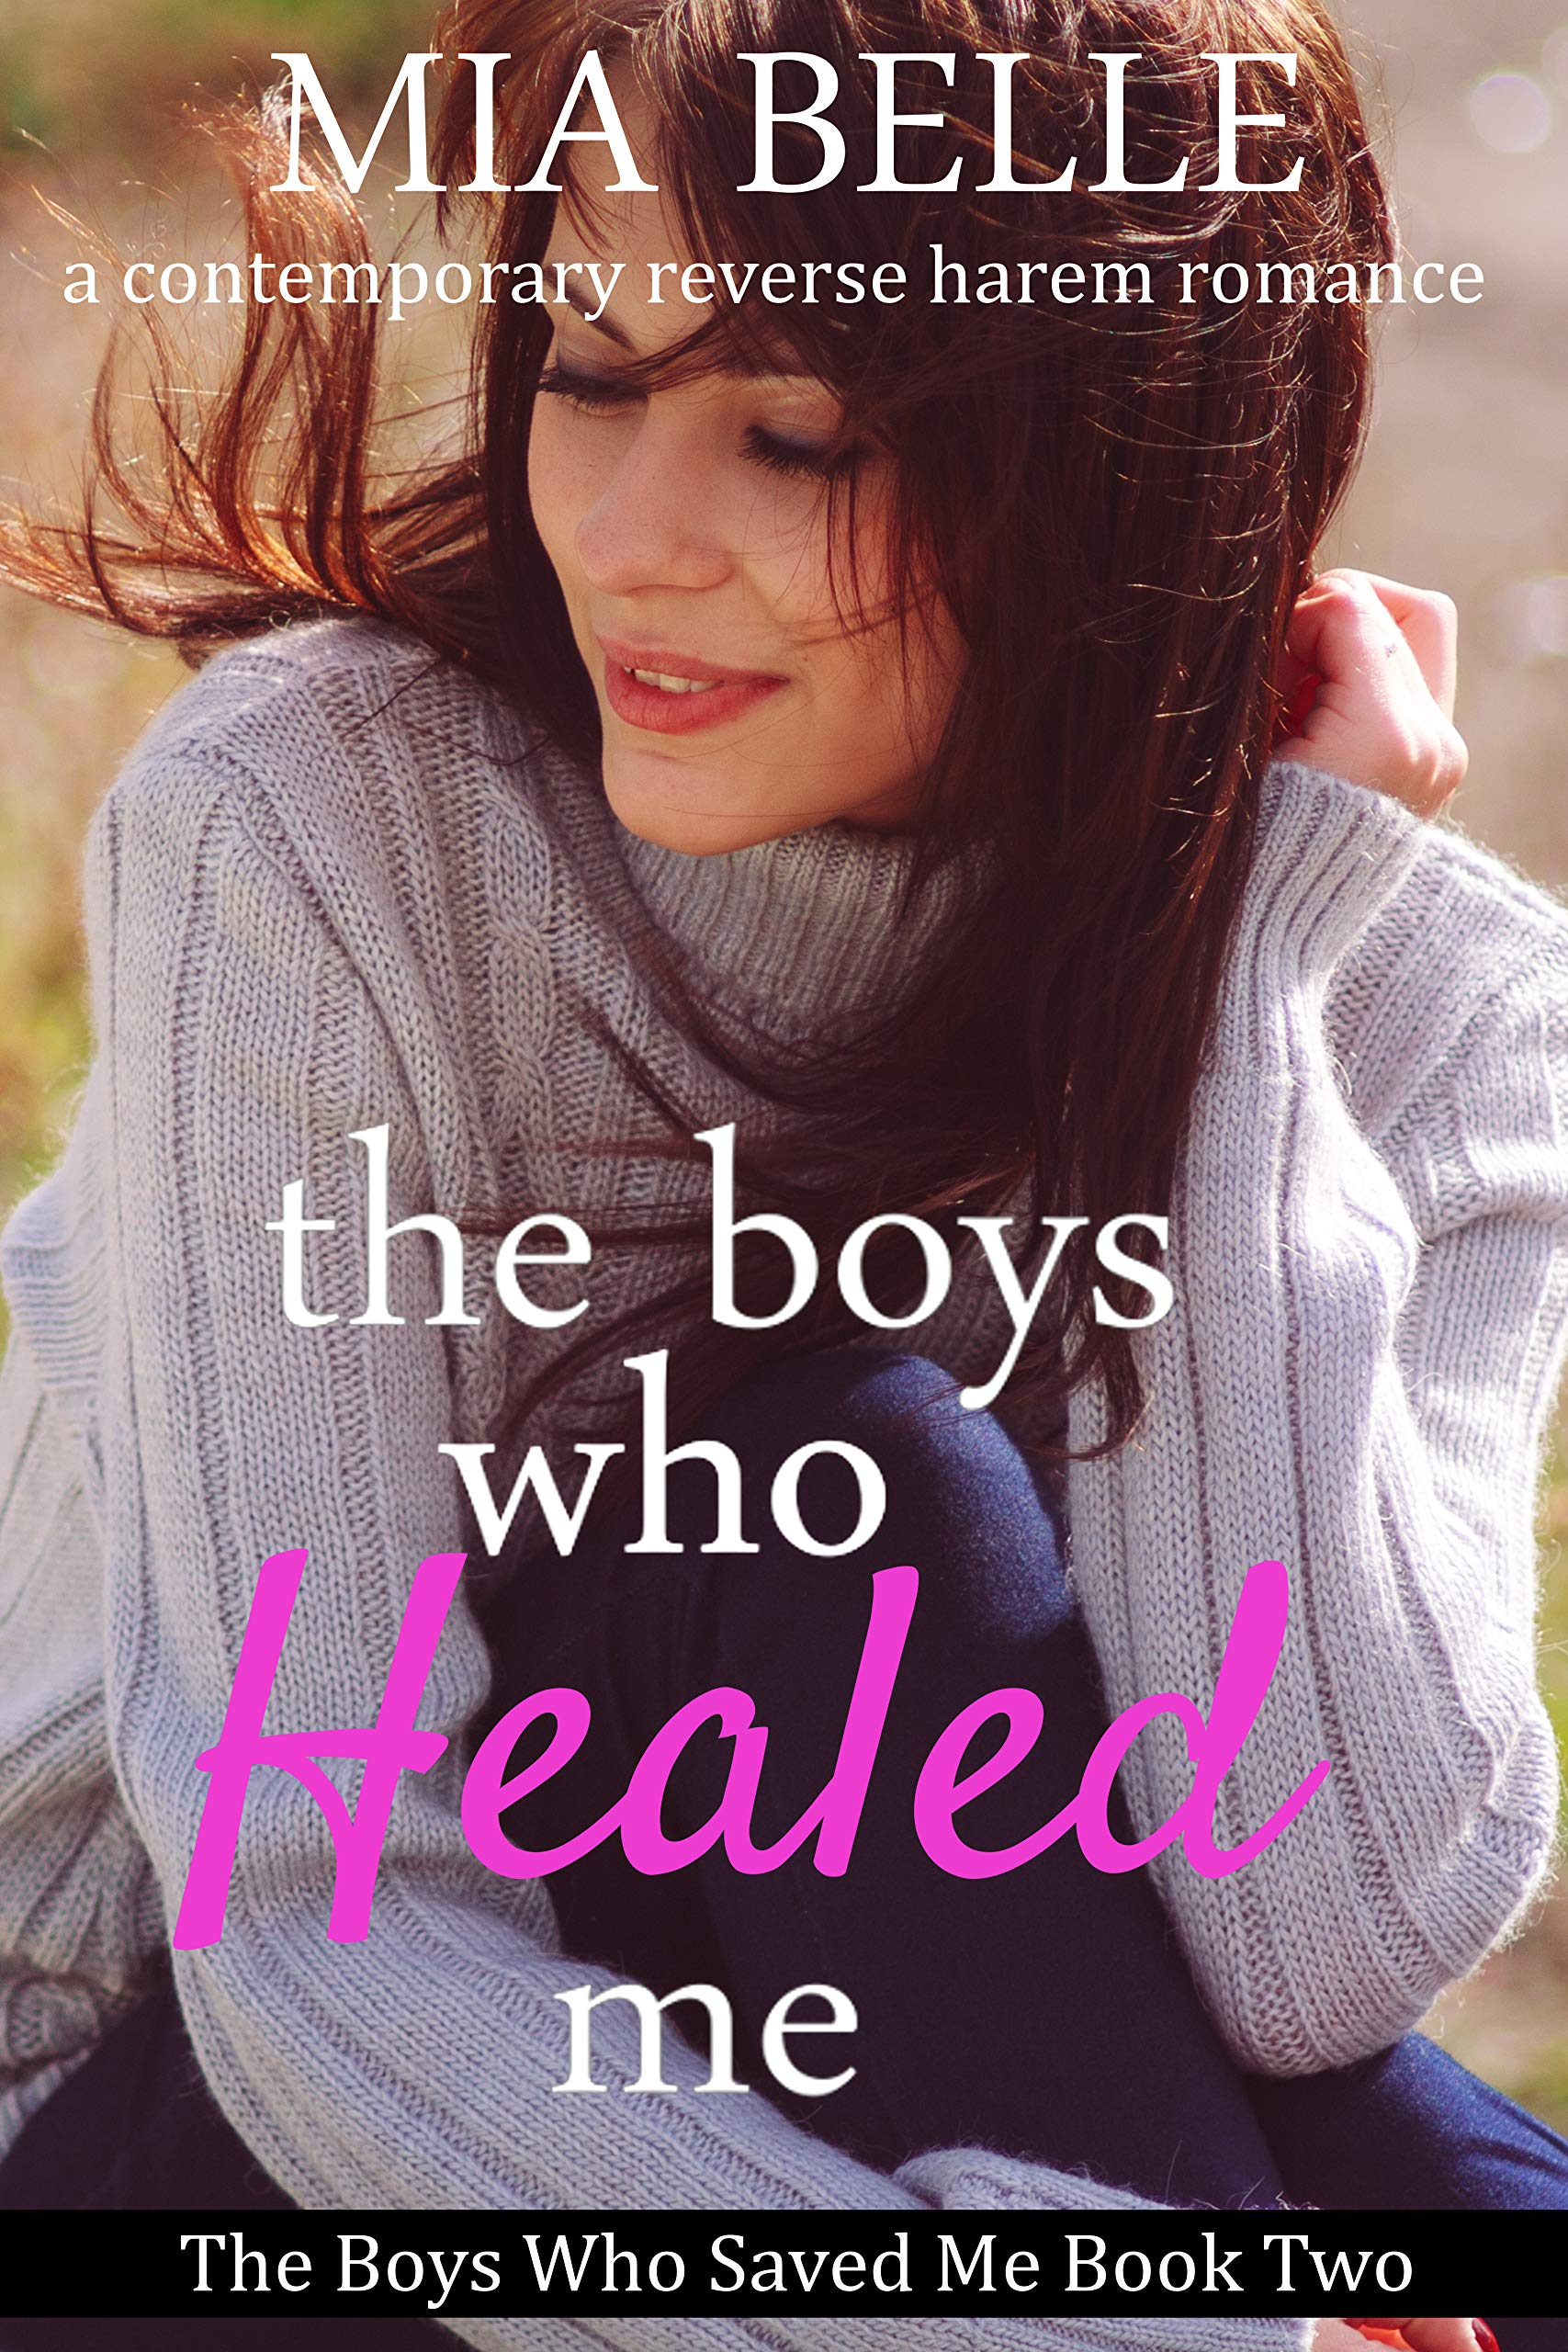 The Boys Who Healed Me (The Boys Who Saved Me #2)